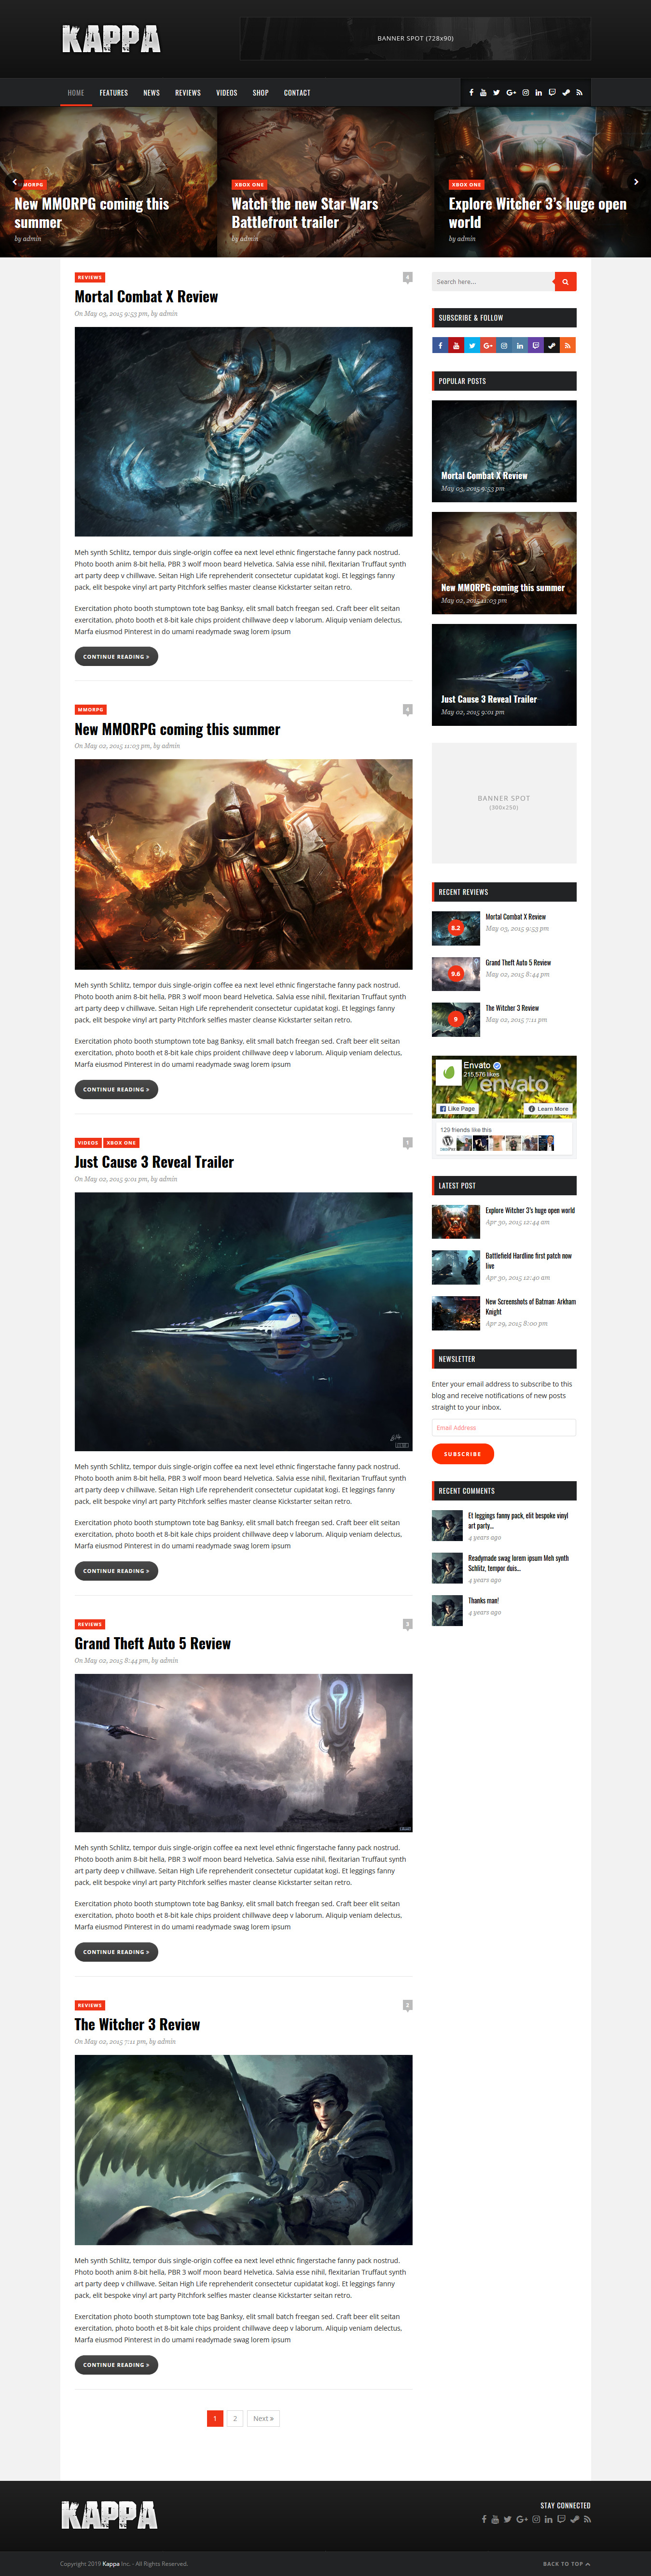 kappa best premium gaming wordpress theme - 10+ Best Premium Gaming WordPress Themes